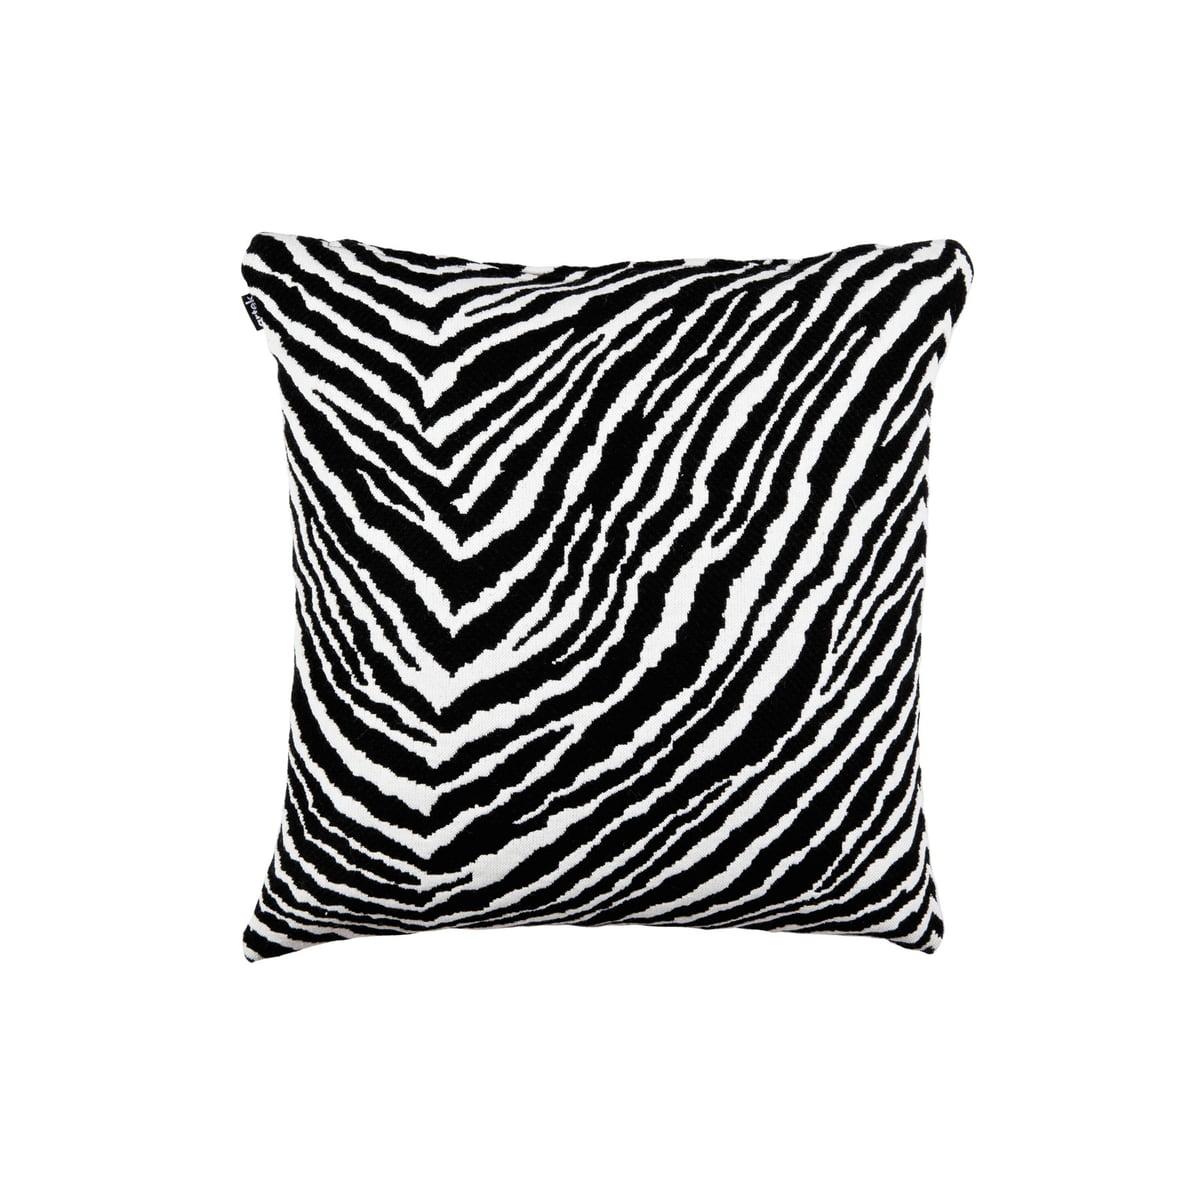 zebra print black and white cotton zebra design Tissue holder cotton case